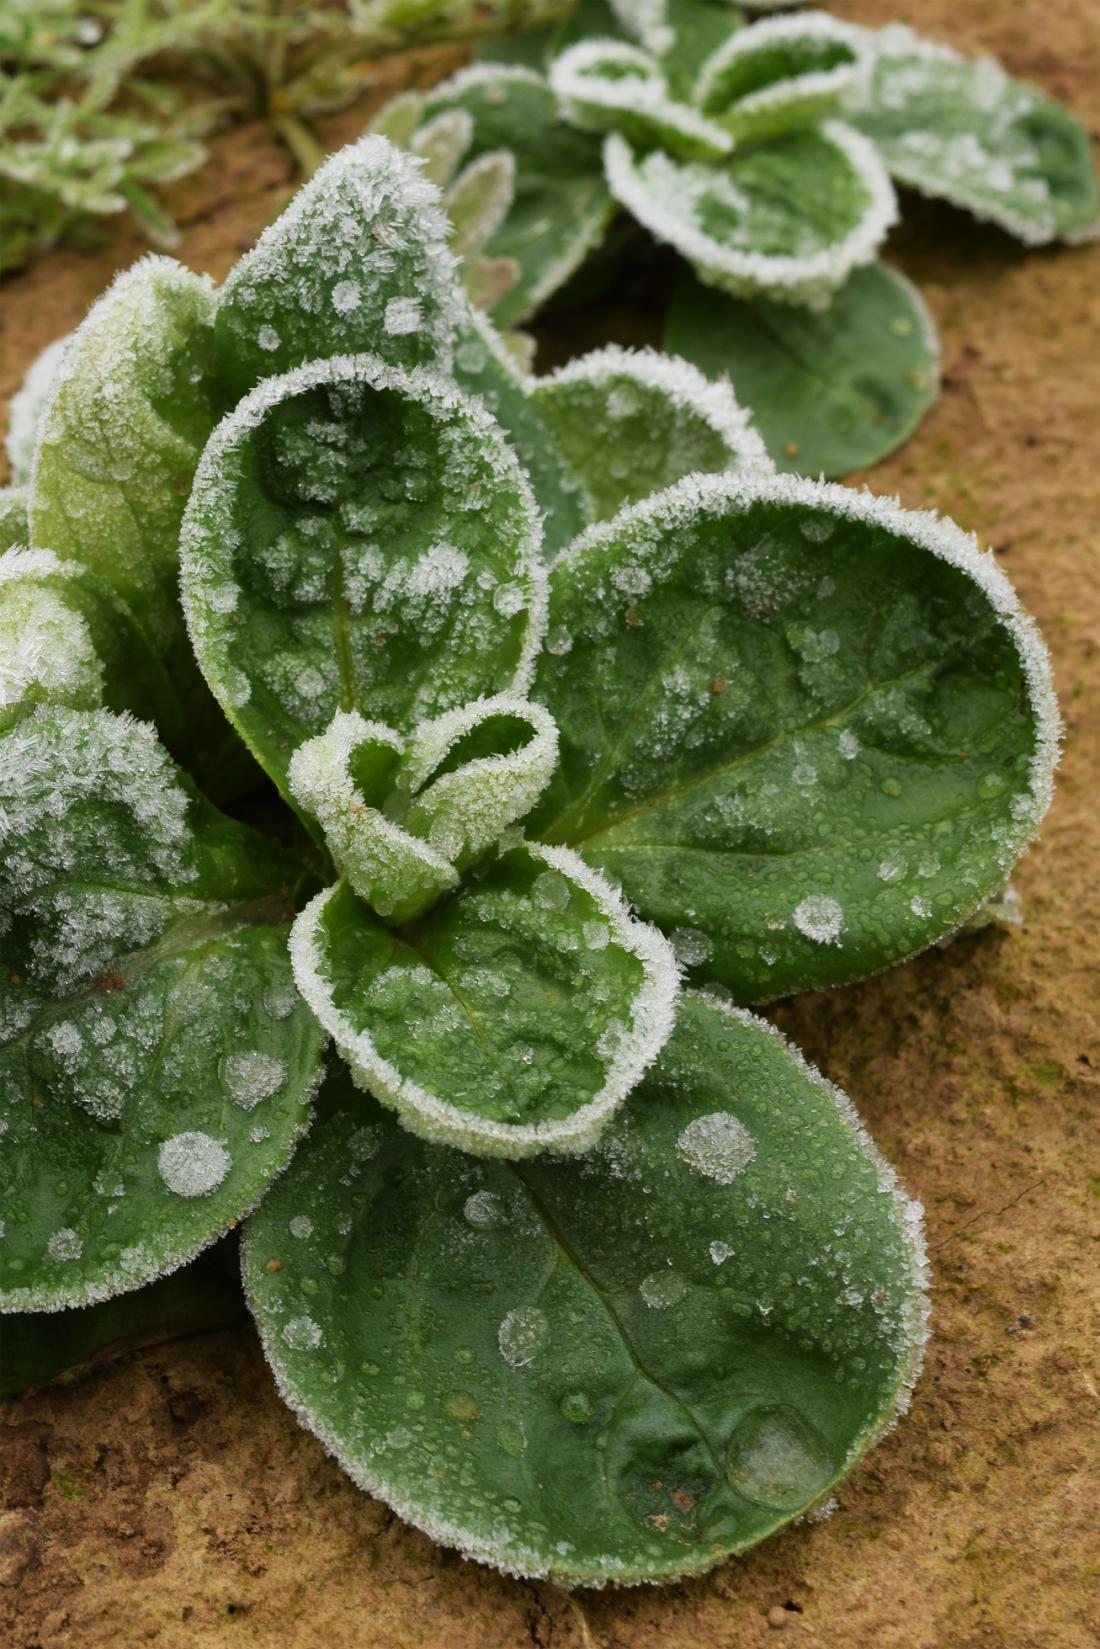 Če pozimi pokrit motovilec primrzne na kopreno, rastline ob odkrivanju poškodujemo. Foto: Ivonne_design/Shutterstock